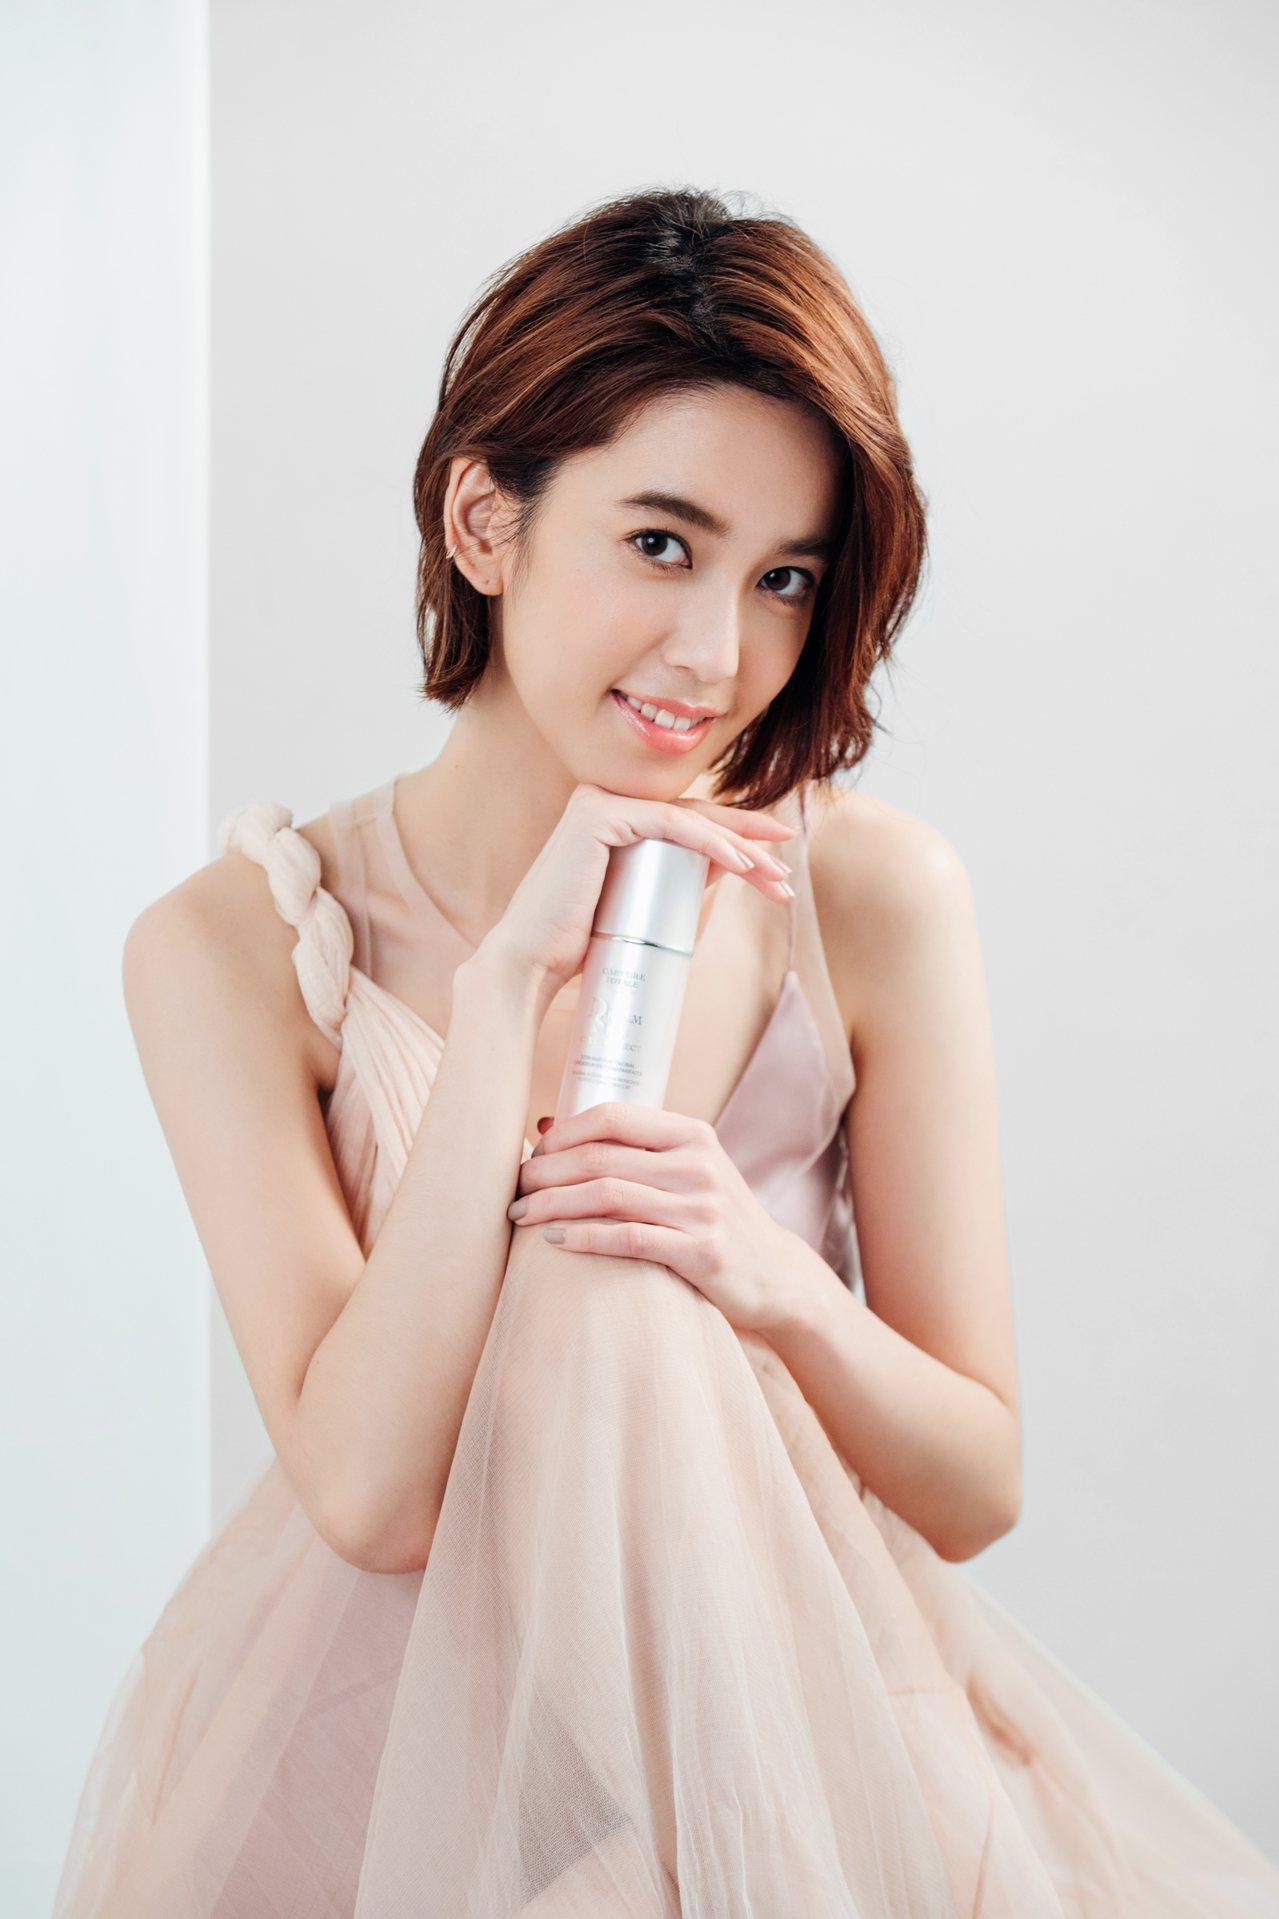 陳庭妮成為迪奧品牌摯友,為迪奧超級夢幻美肌萃拍攝形象大片。圖/迪奧提供